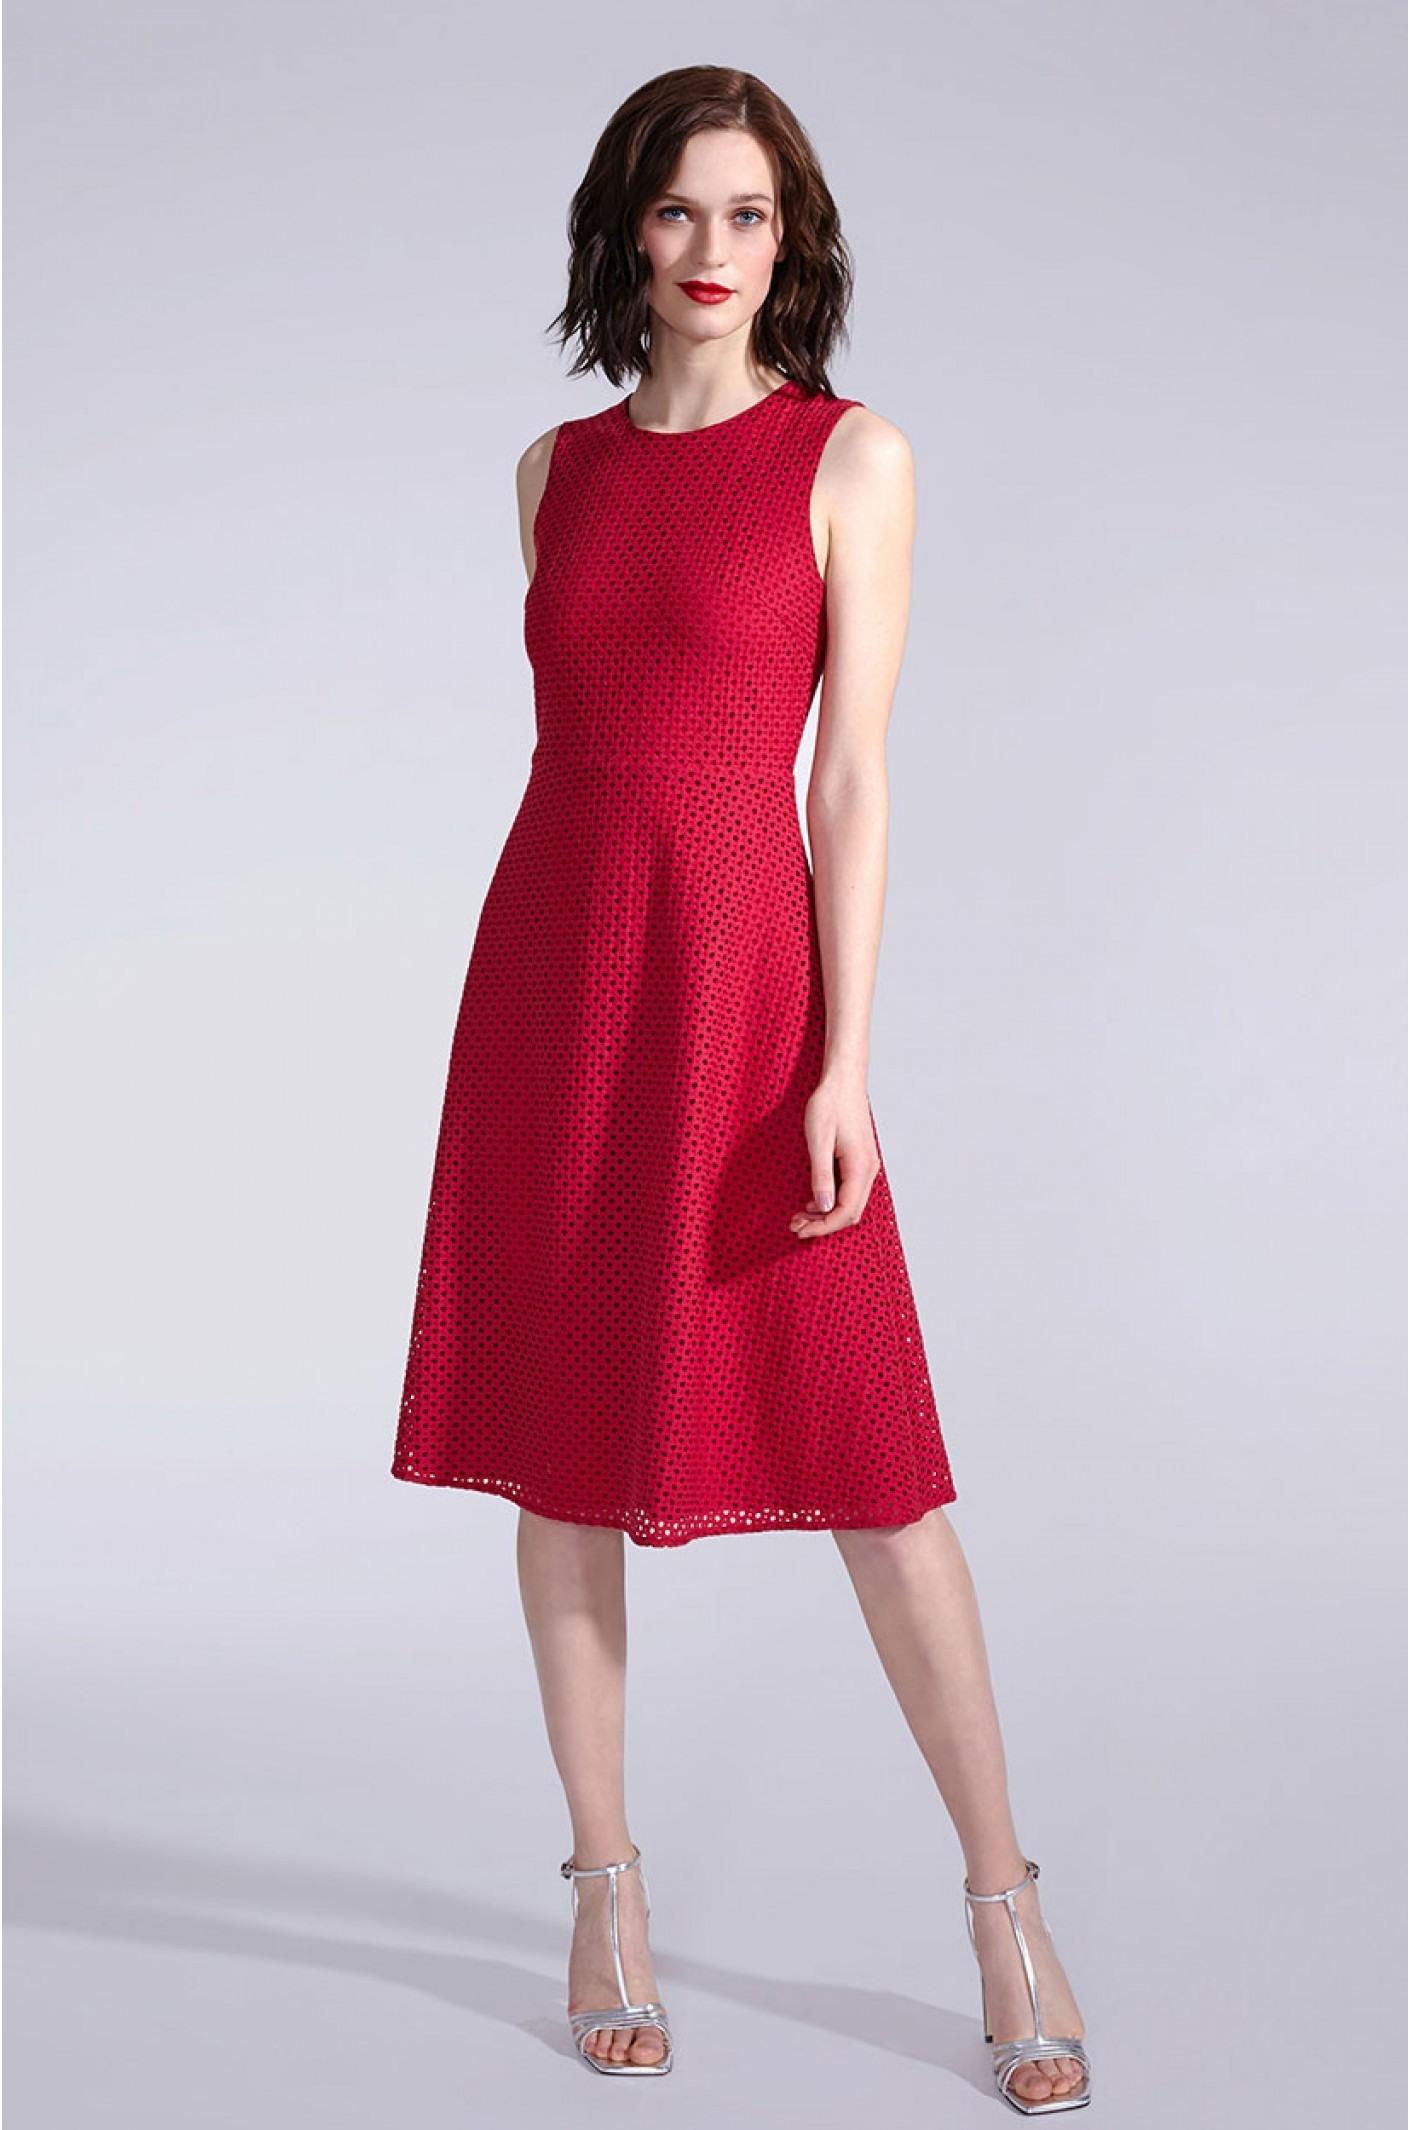 13 Schön Kleid Elegant Ärmel20 Großartig Kleid Elegant Bester Preis